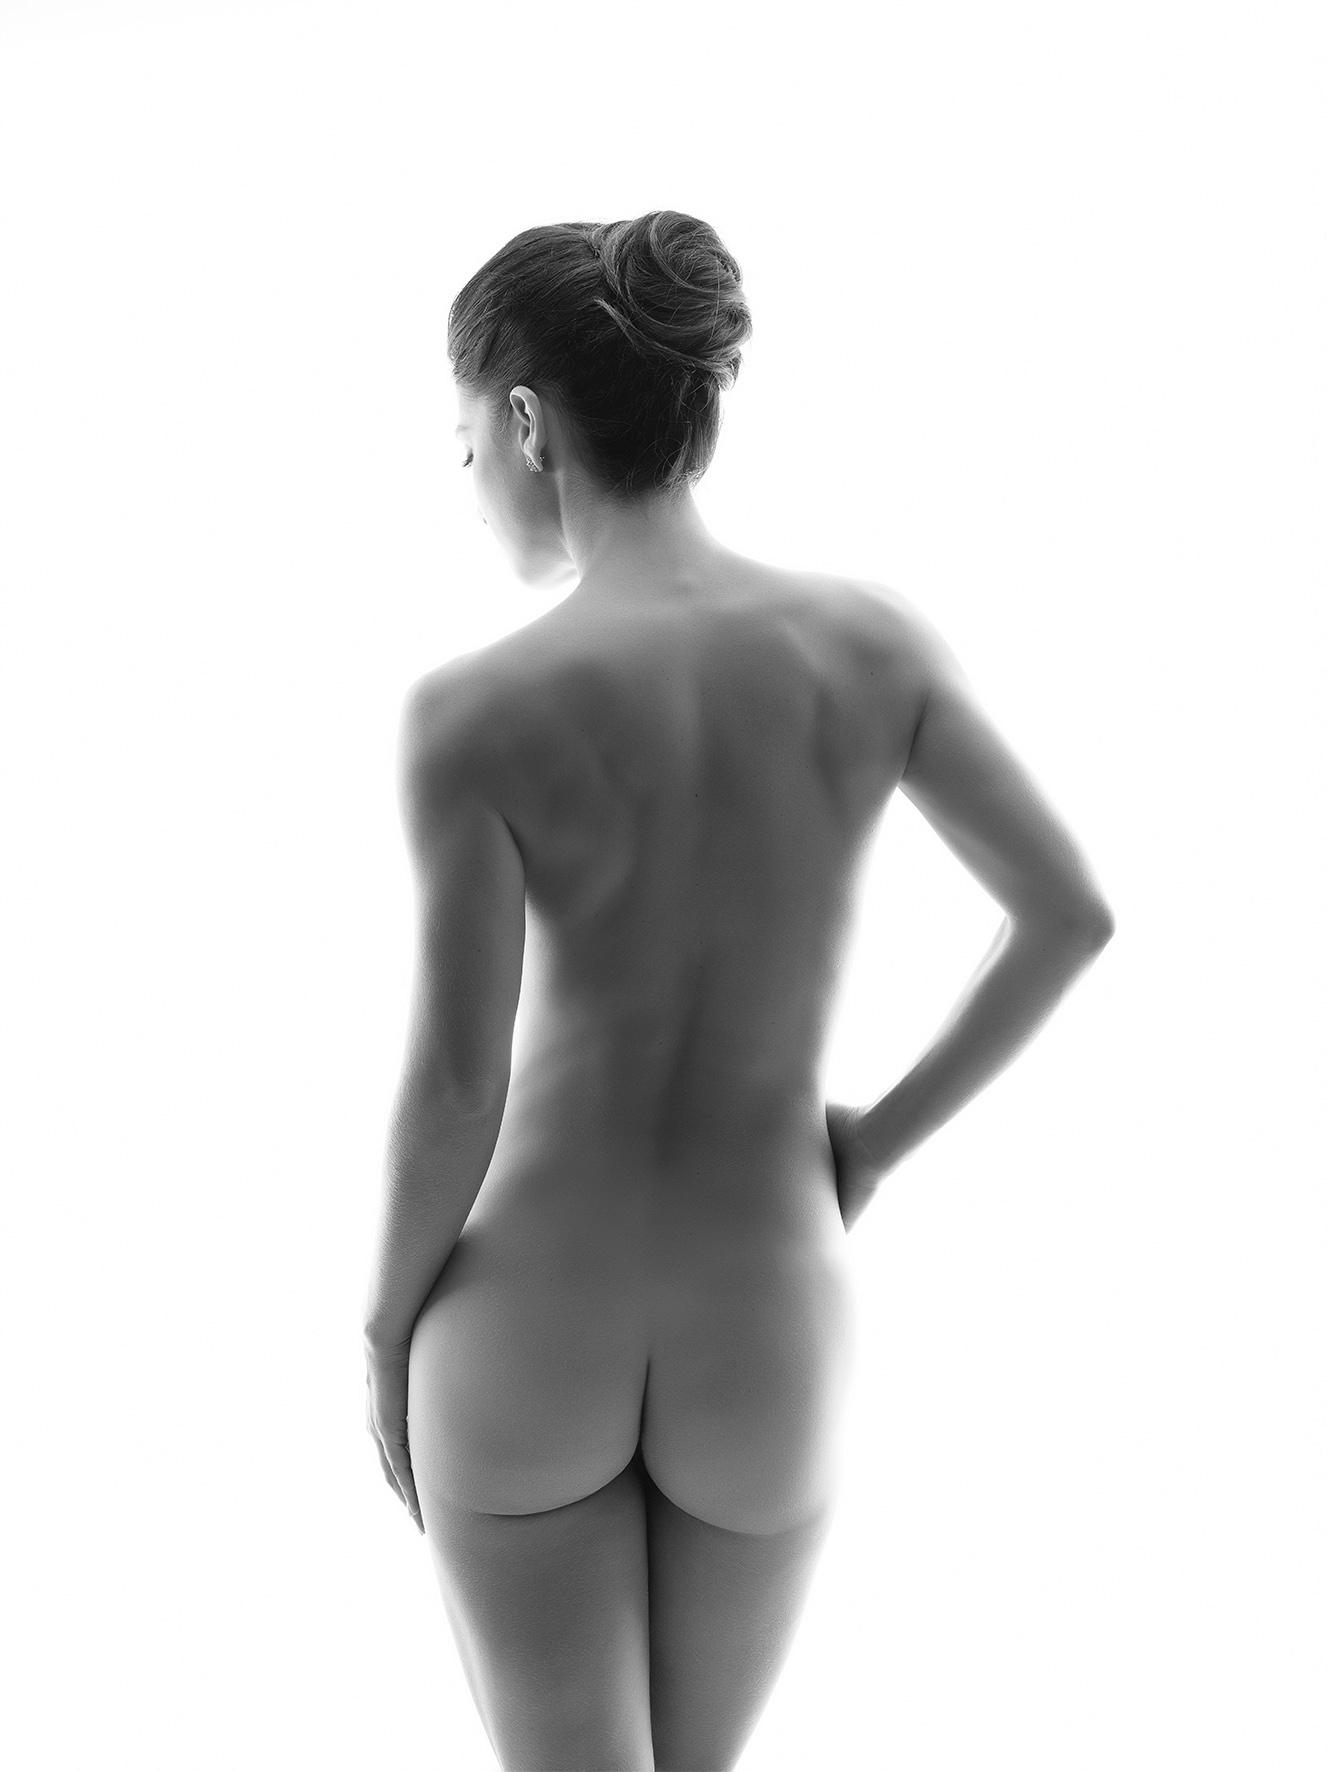 Venus Pornos